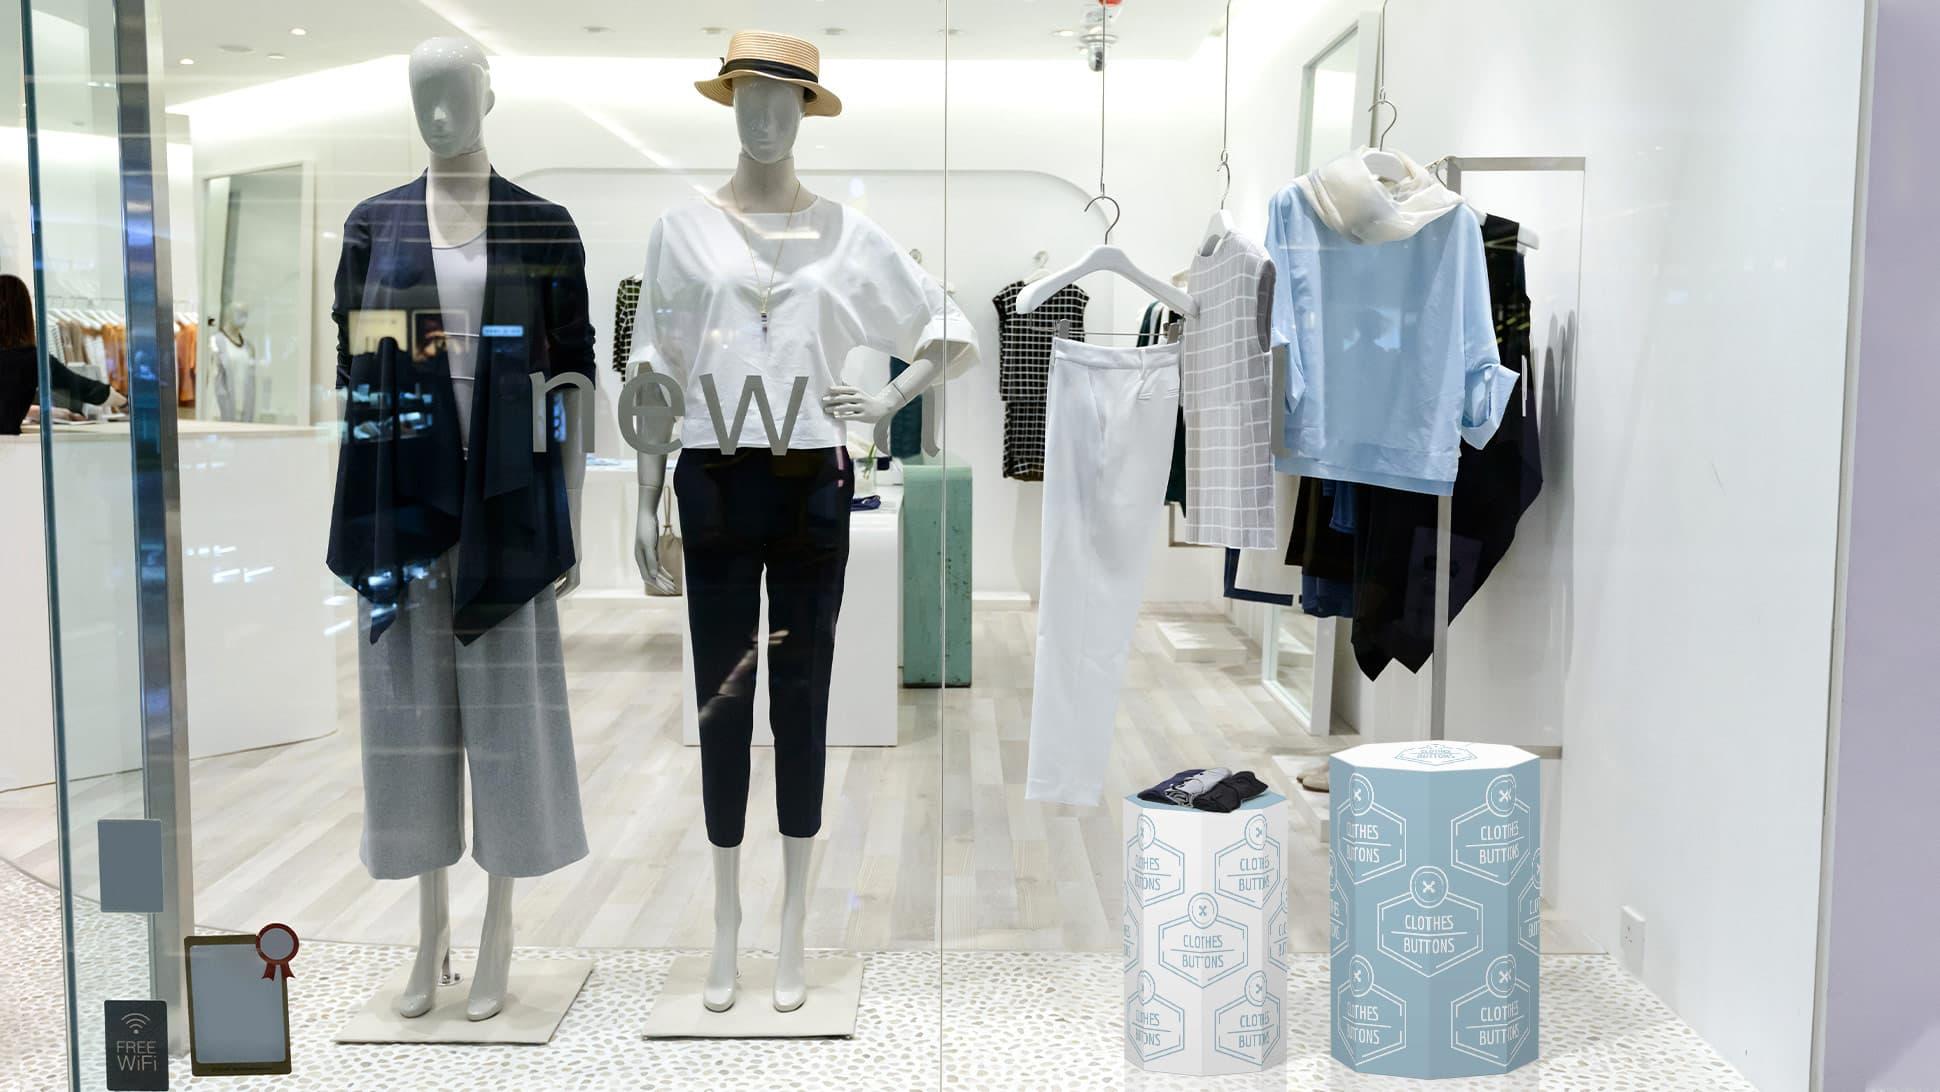 Ottagono decorativo in laminil piccolo grafica personalizzata vetrina negozio abbigliamento | tictac.it